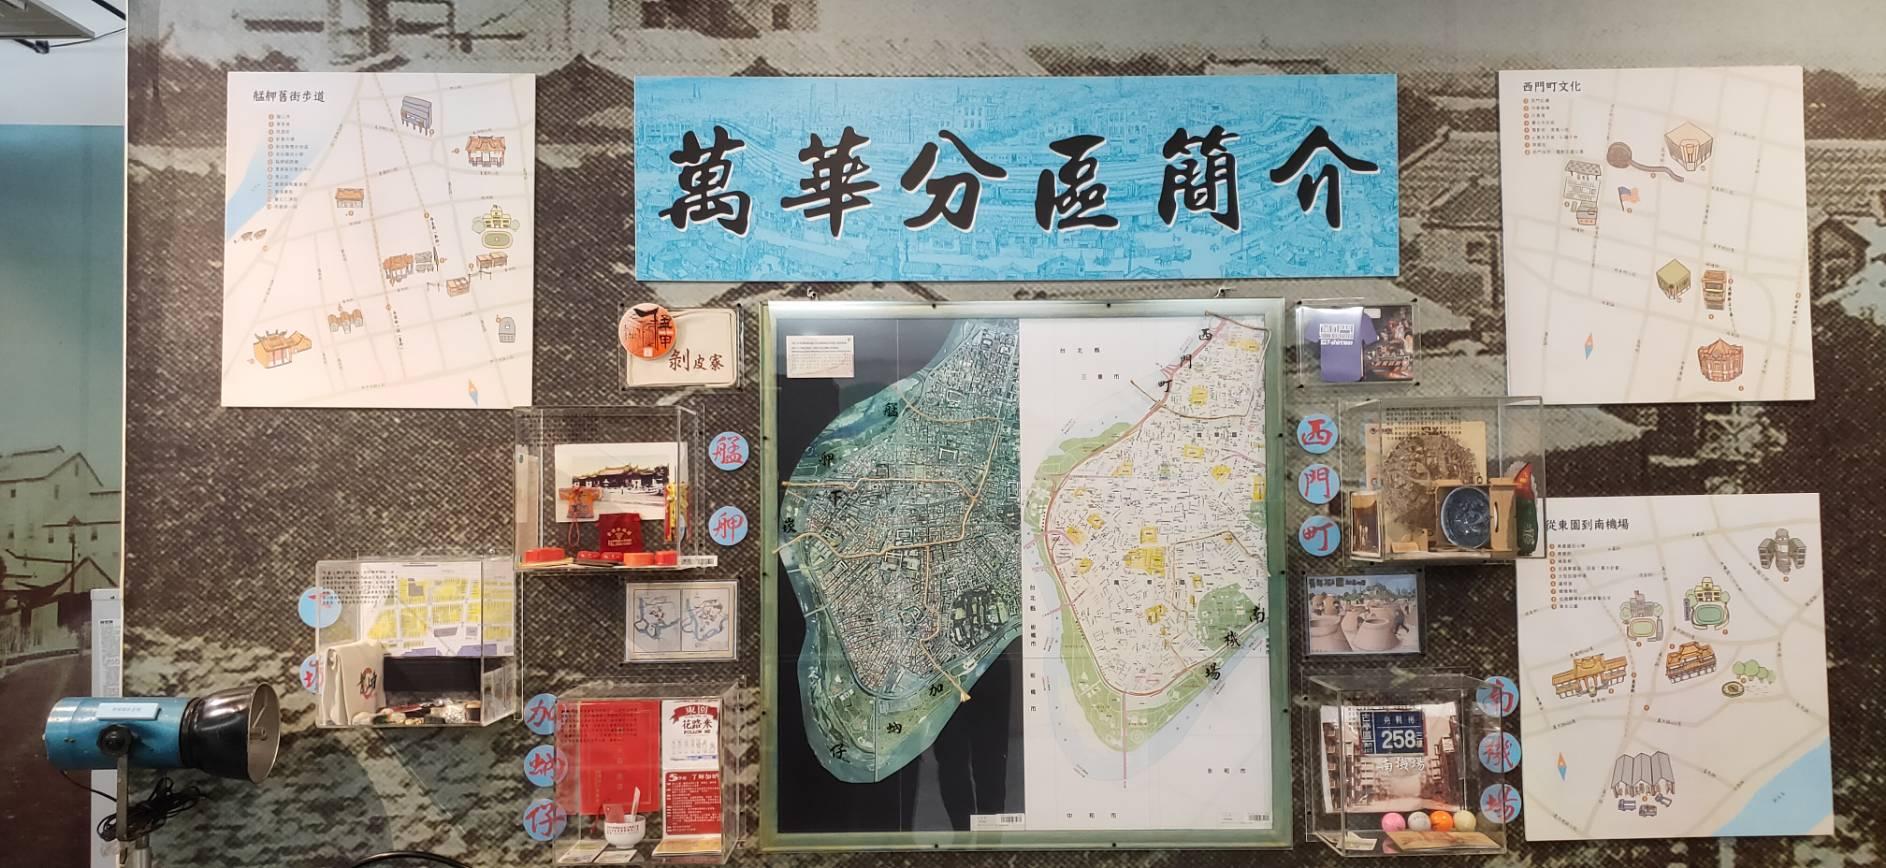 以現代萬華為主題,搭配境內「西門町、艋舺、下崁(大理街)、加蚋仔(東園)、南機場(青年公園)」,等5個傳統生活圈,呈現新與舊的融合